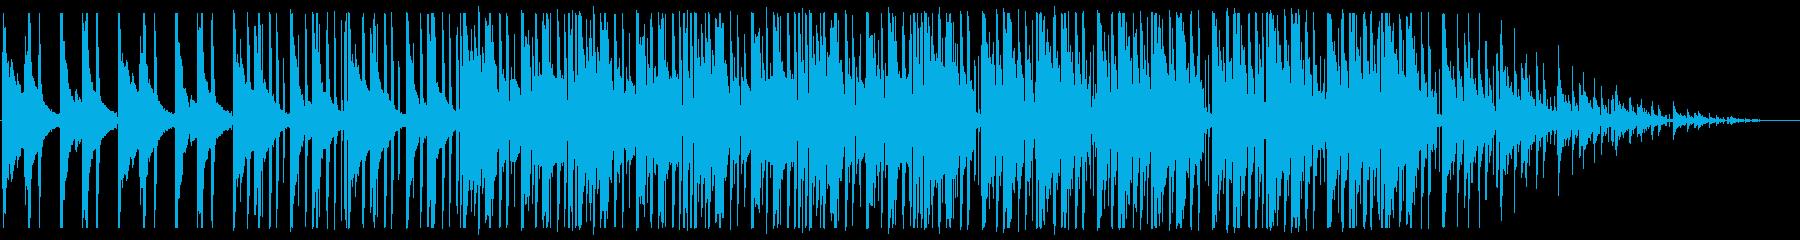 寂しい/ピアノ/R&B_No489_3の再生済みの波形